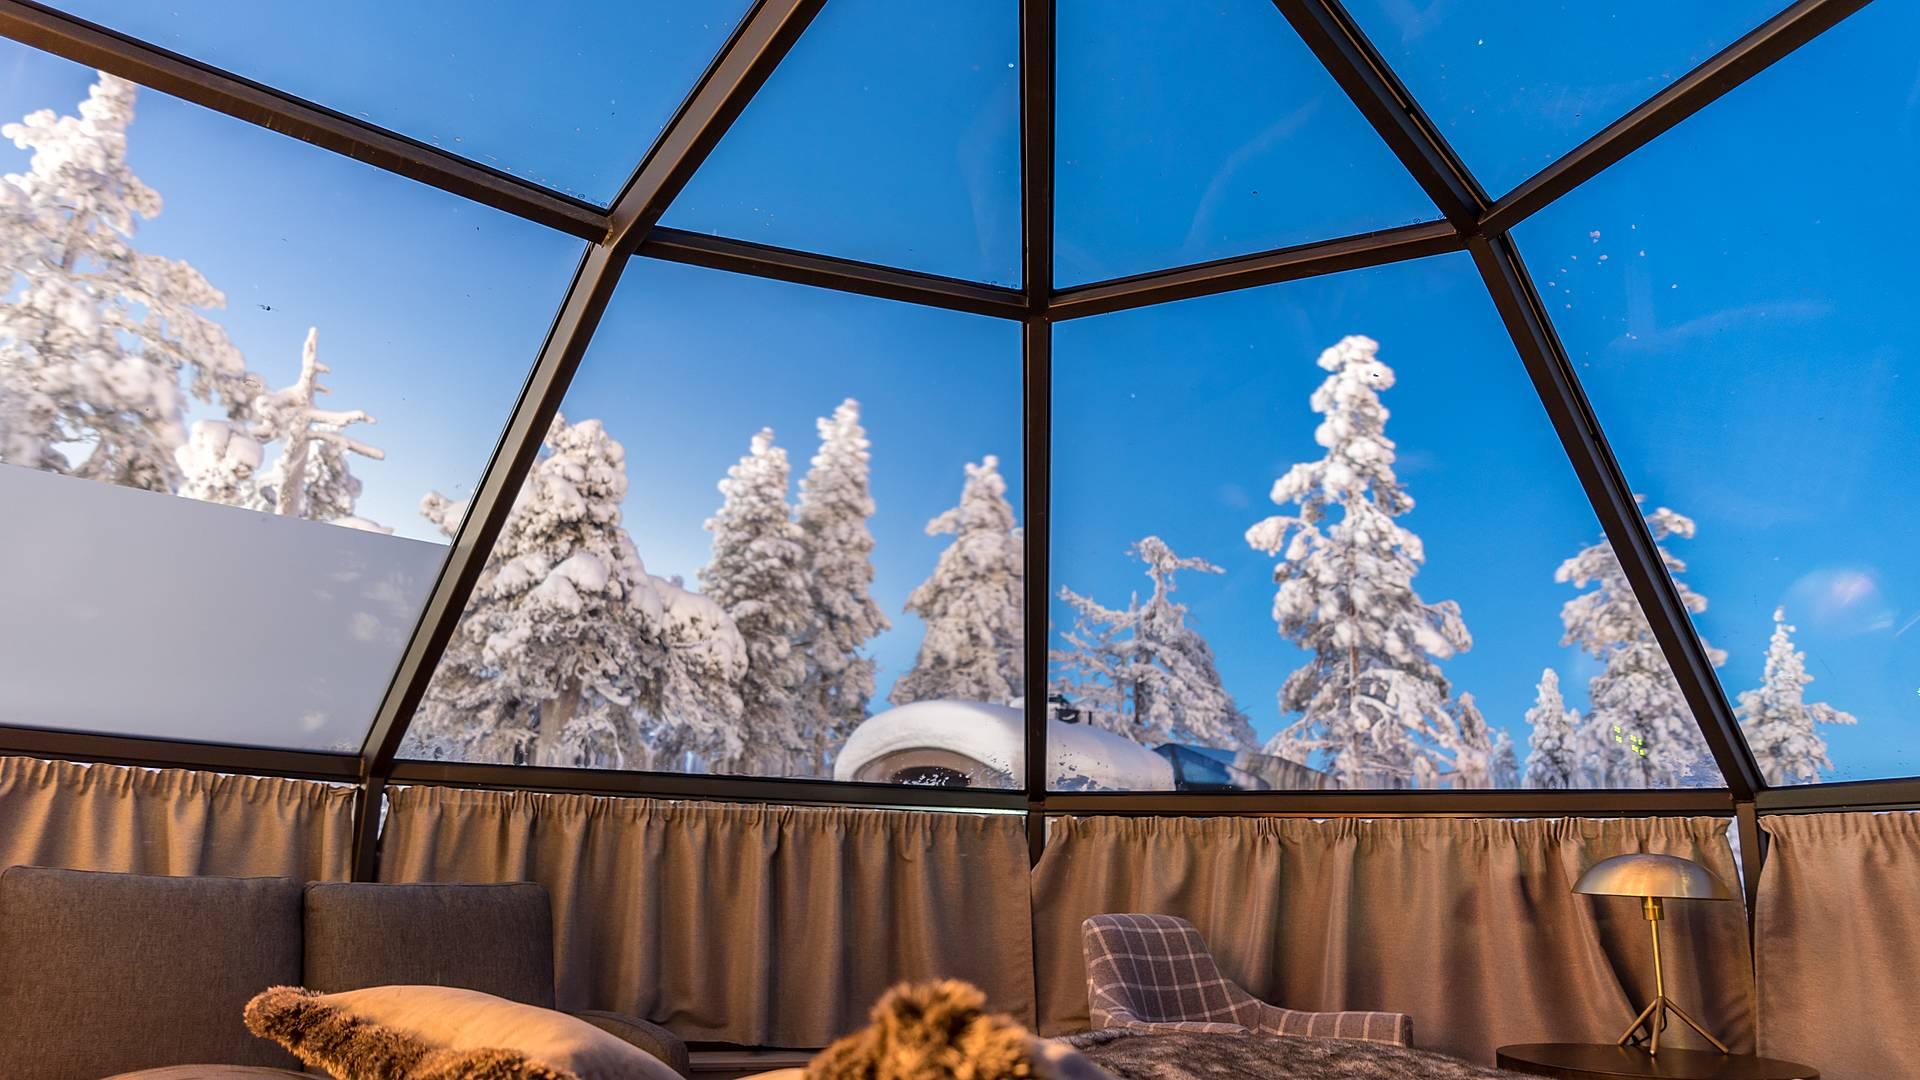 Außergewöhnliche Reise in Lappland